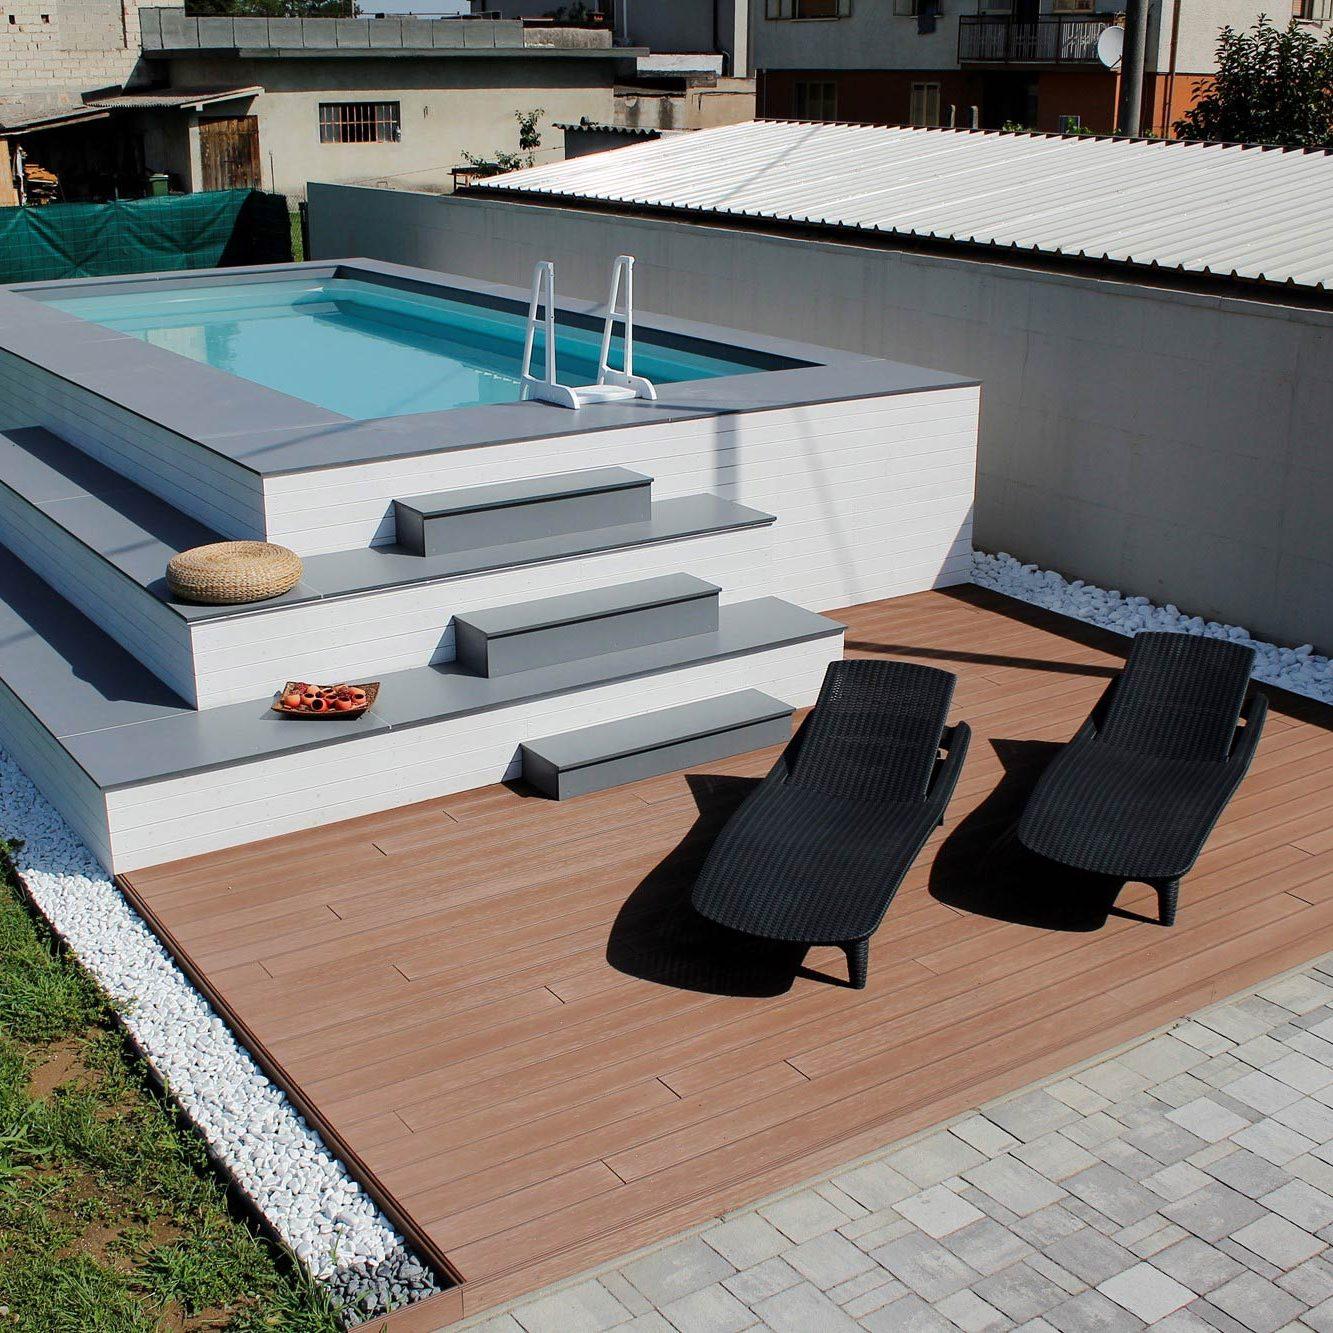 Piscine fuoriterra piscine da terrazzo e giardino jacuzzi interne ed esterne aquazzura - Realizzare una piscina ...